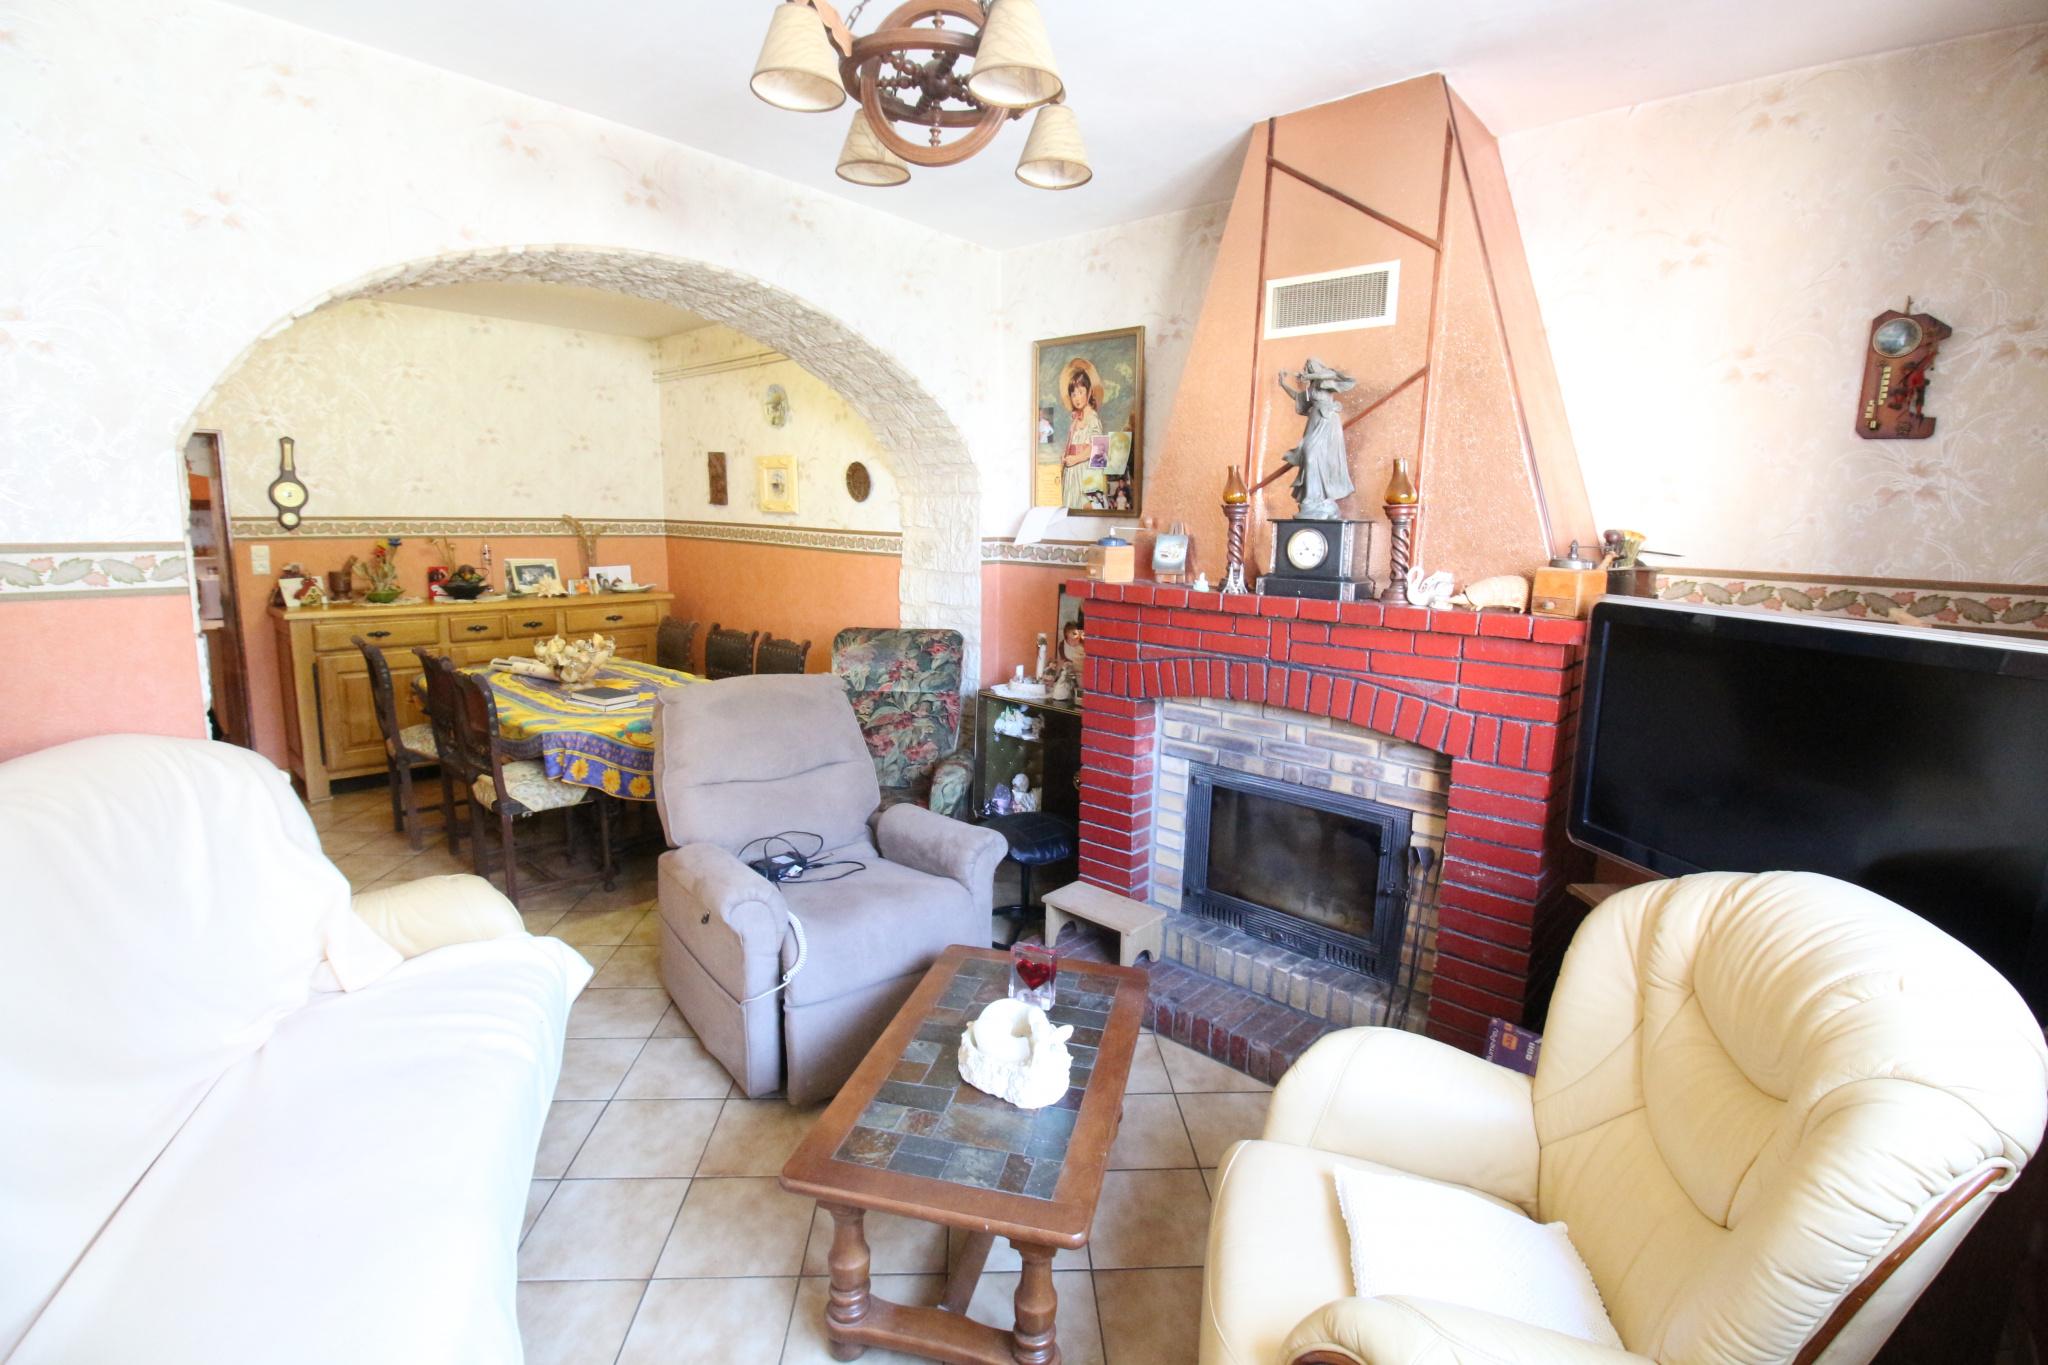 Vente maison/villa offlanges